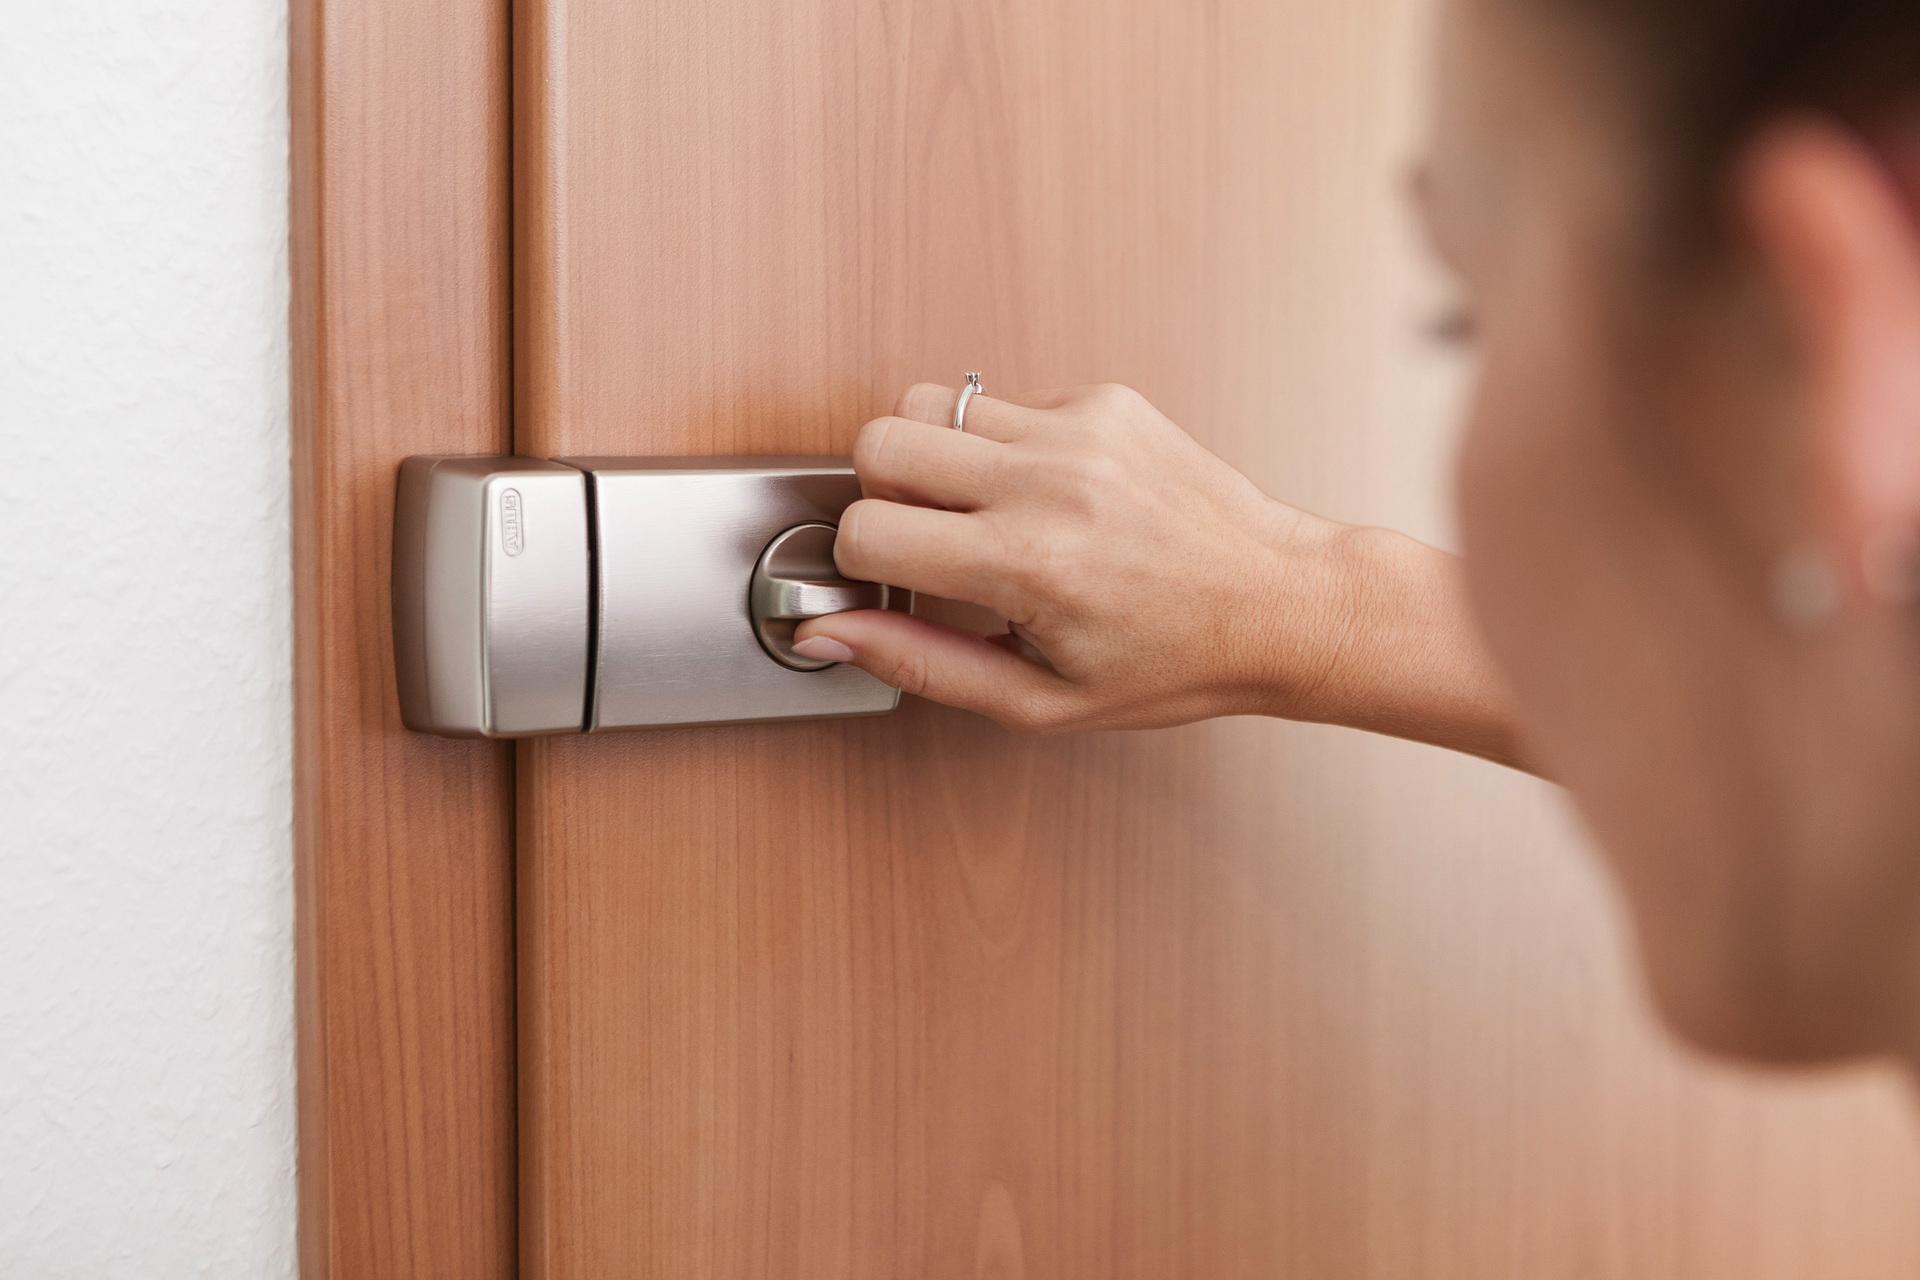 Tür-Zusatzschloss 2110 an der Innenseite der Tür